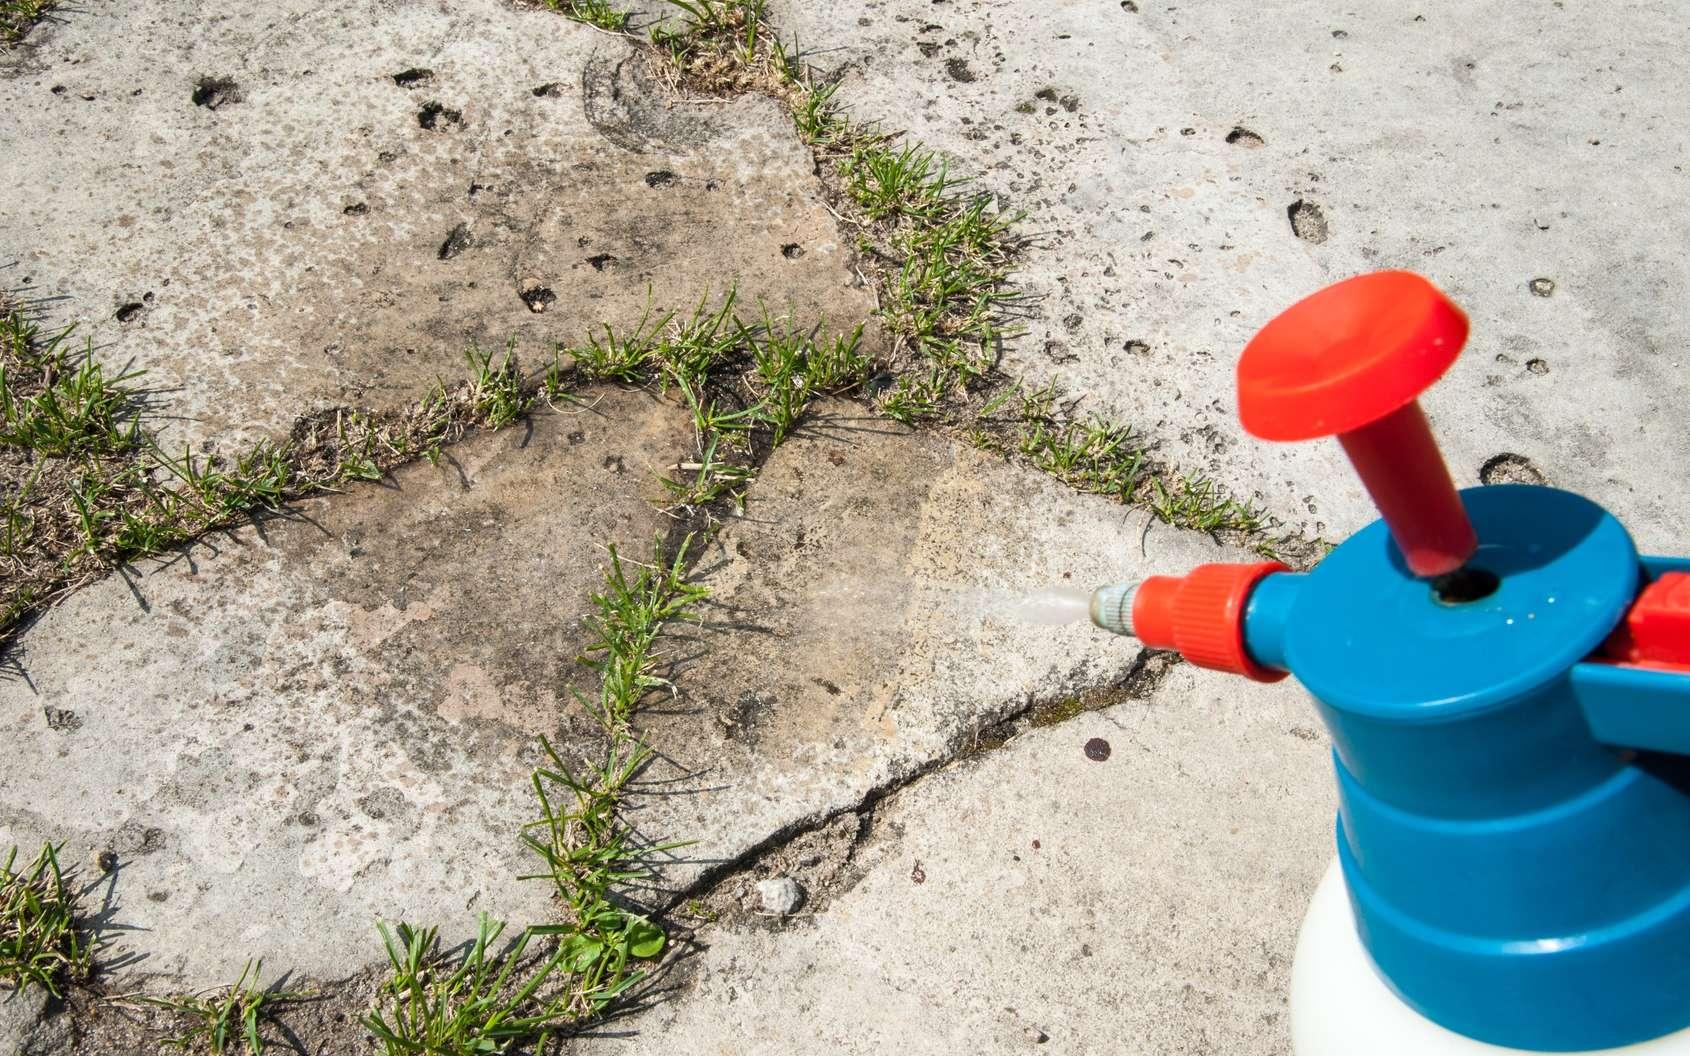 Jardinage : comment désherber sans produits chimiques ?